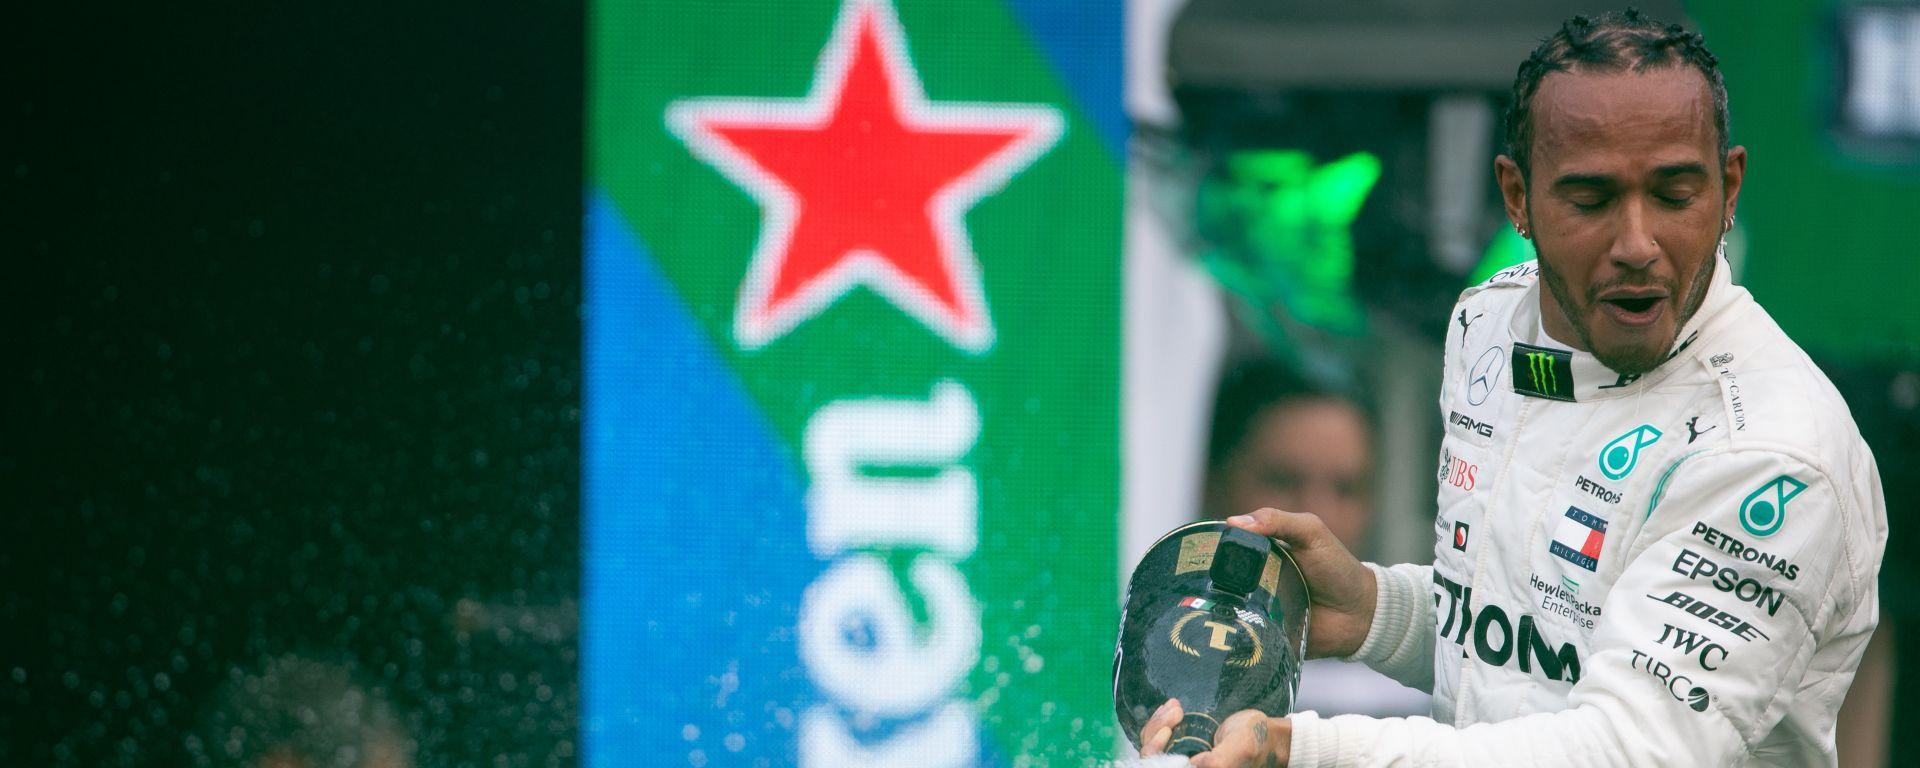 F1 GP Messico 2019, Città del Messico: Lewis Hamilton (Mercedes)